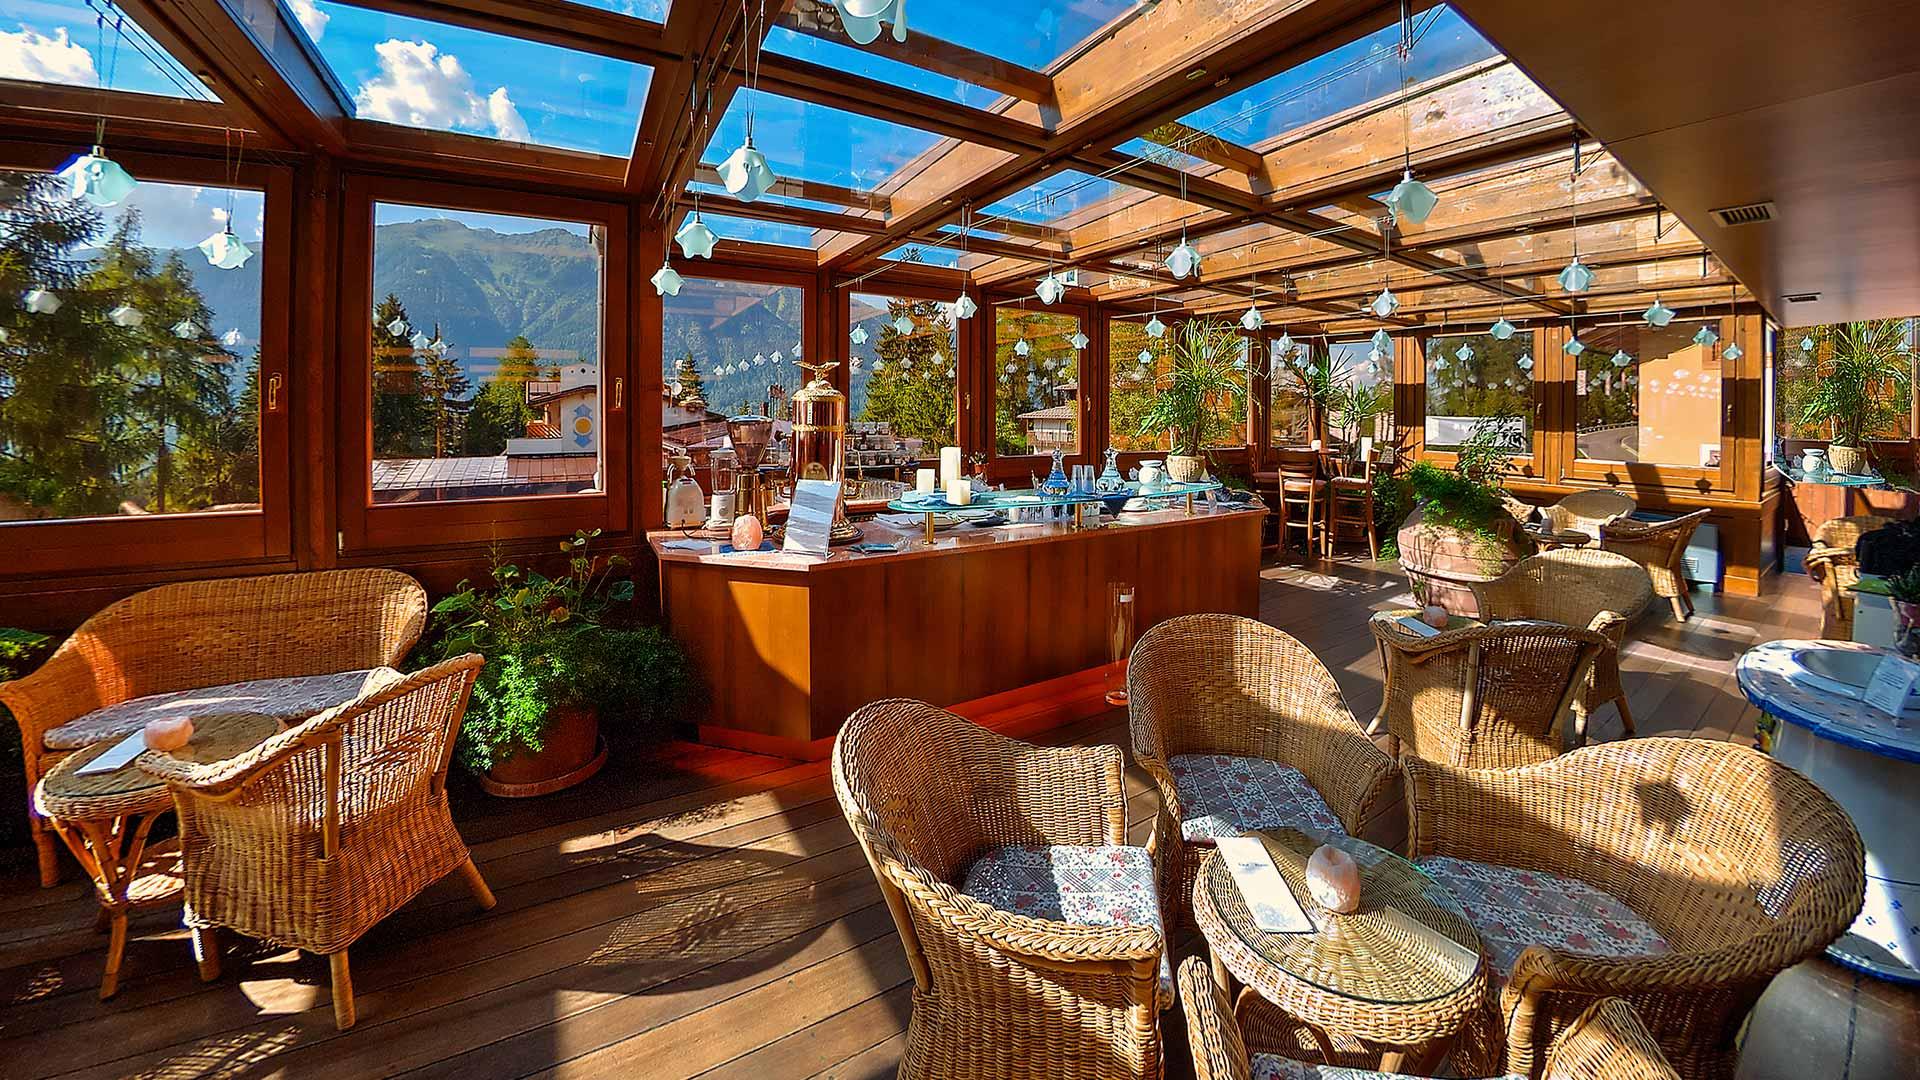 Hotel Folgarida Dimaro - Trentino